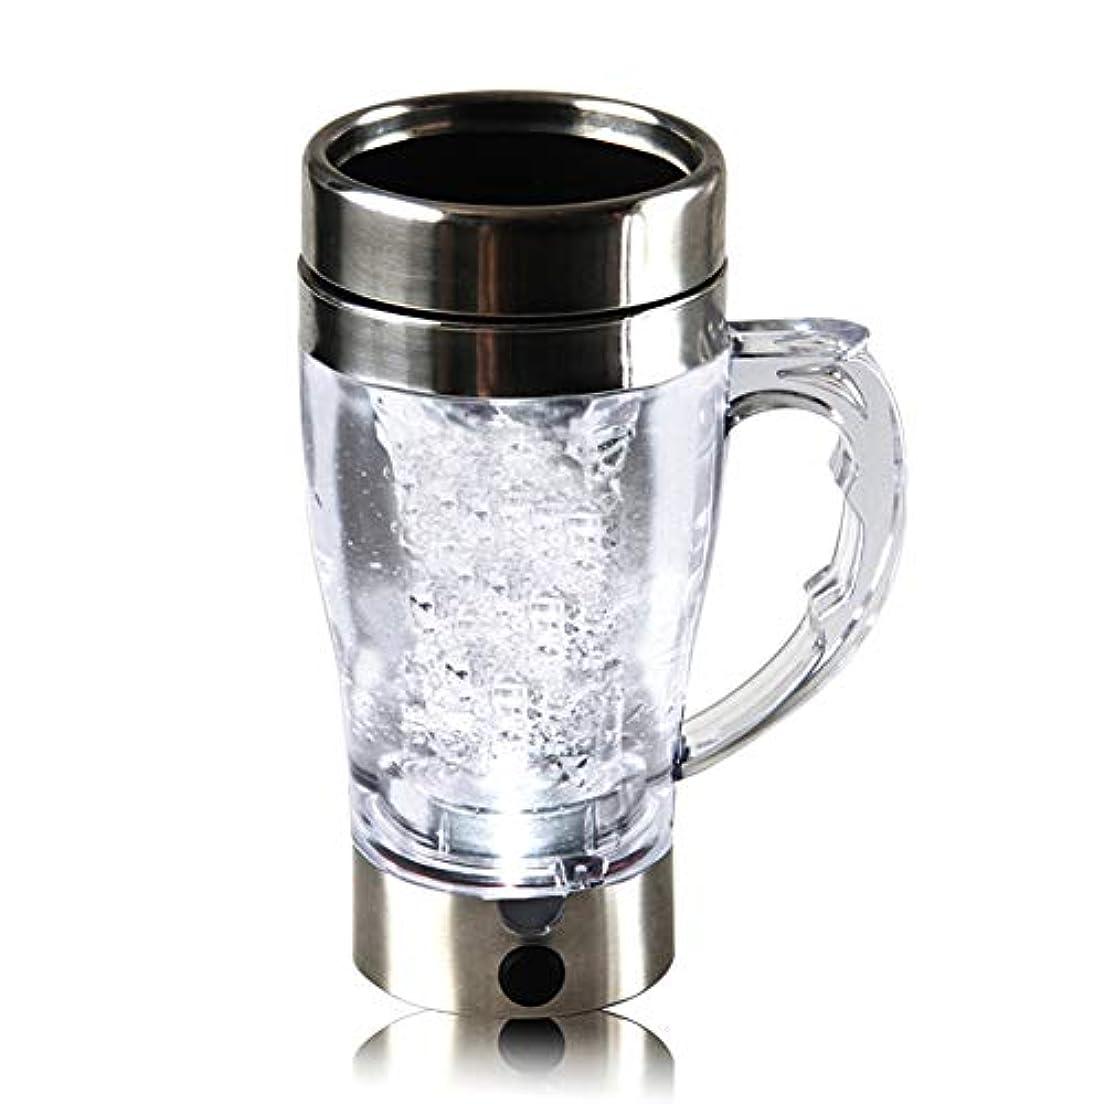 テメリティ計器慣性BULemon自動ミキシングコーヒーミルク動シェーカー プロテインシェイカー シェーカーボトル 電動 耐熱 コーヒーミキサー オートミキシング ボトルブレンダー